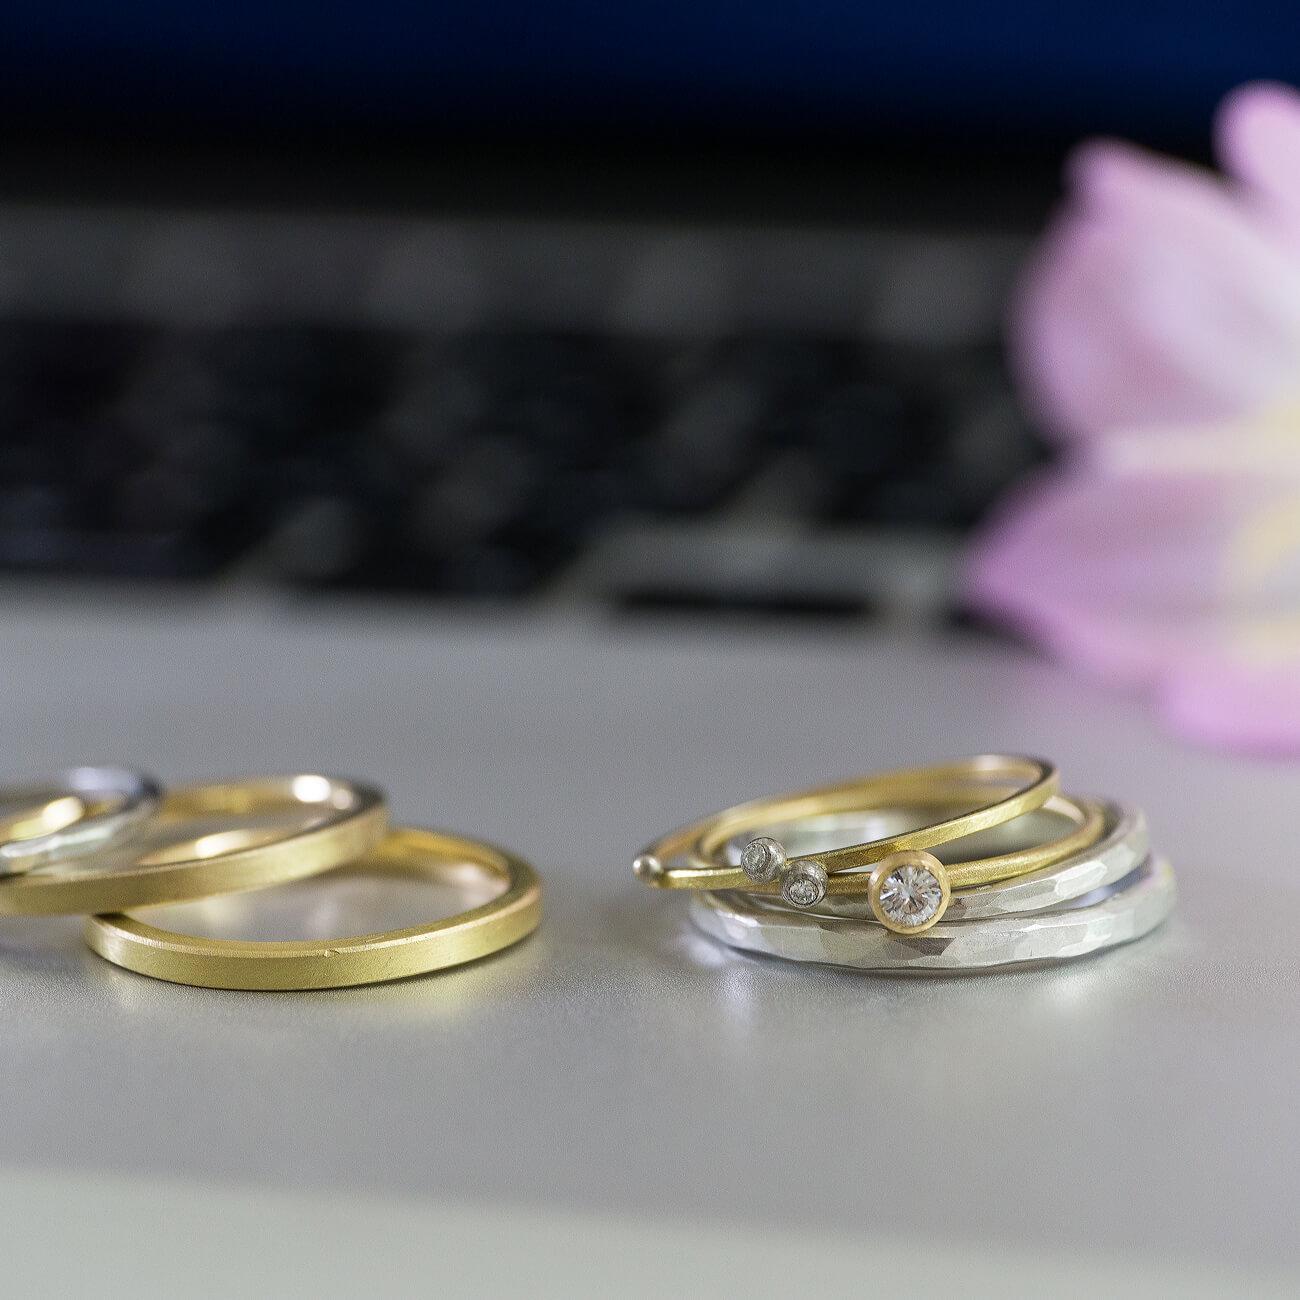 結婚指輪のサンプルリング、pcの上、屋久島の花バック ゴールド、シルバー、プラチナ、ダイヤモンド 屋久島でつくる結婚指輪